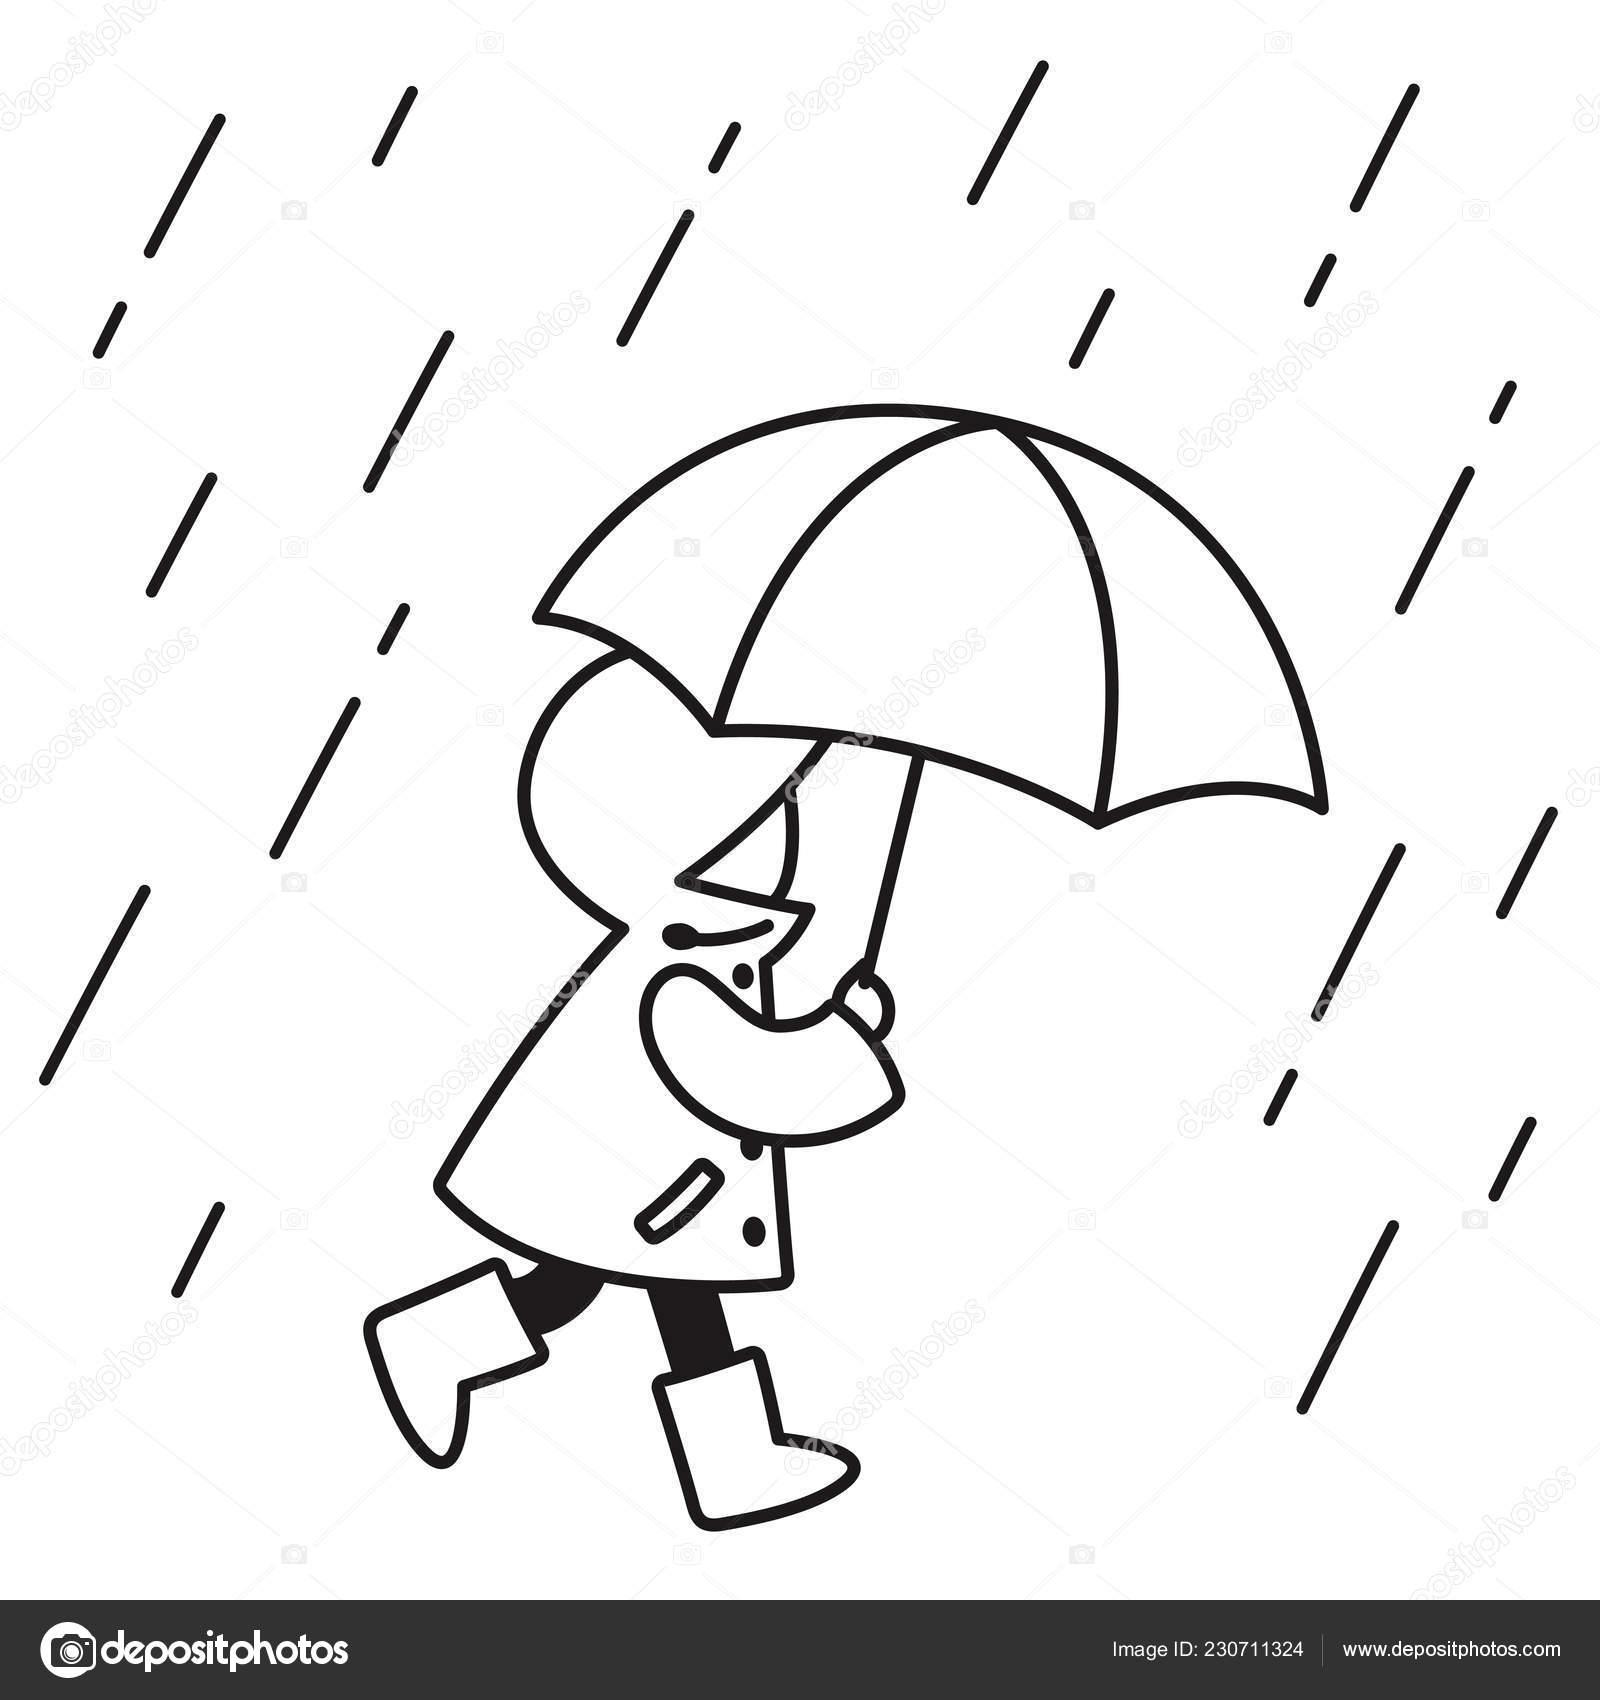 Coloriage Petite Fille Parapluie.Dessin Trait Noir Blanc Petit Enfant Avec Impermeable